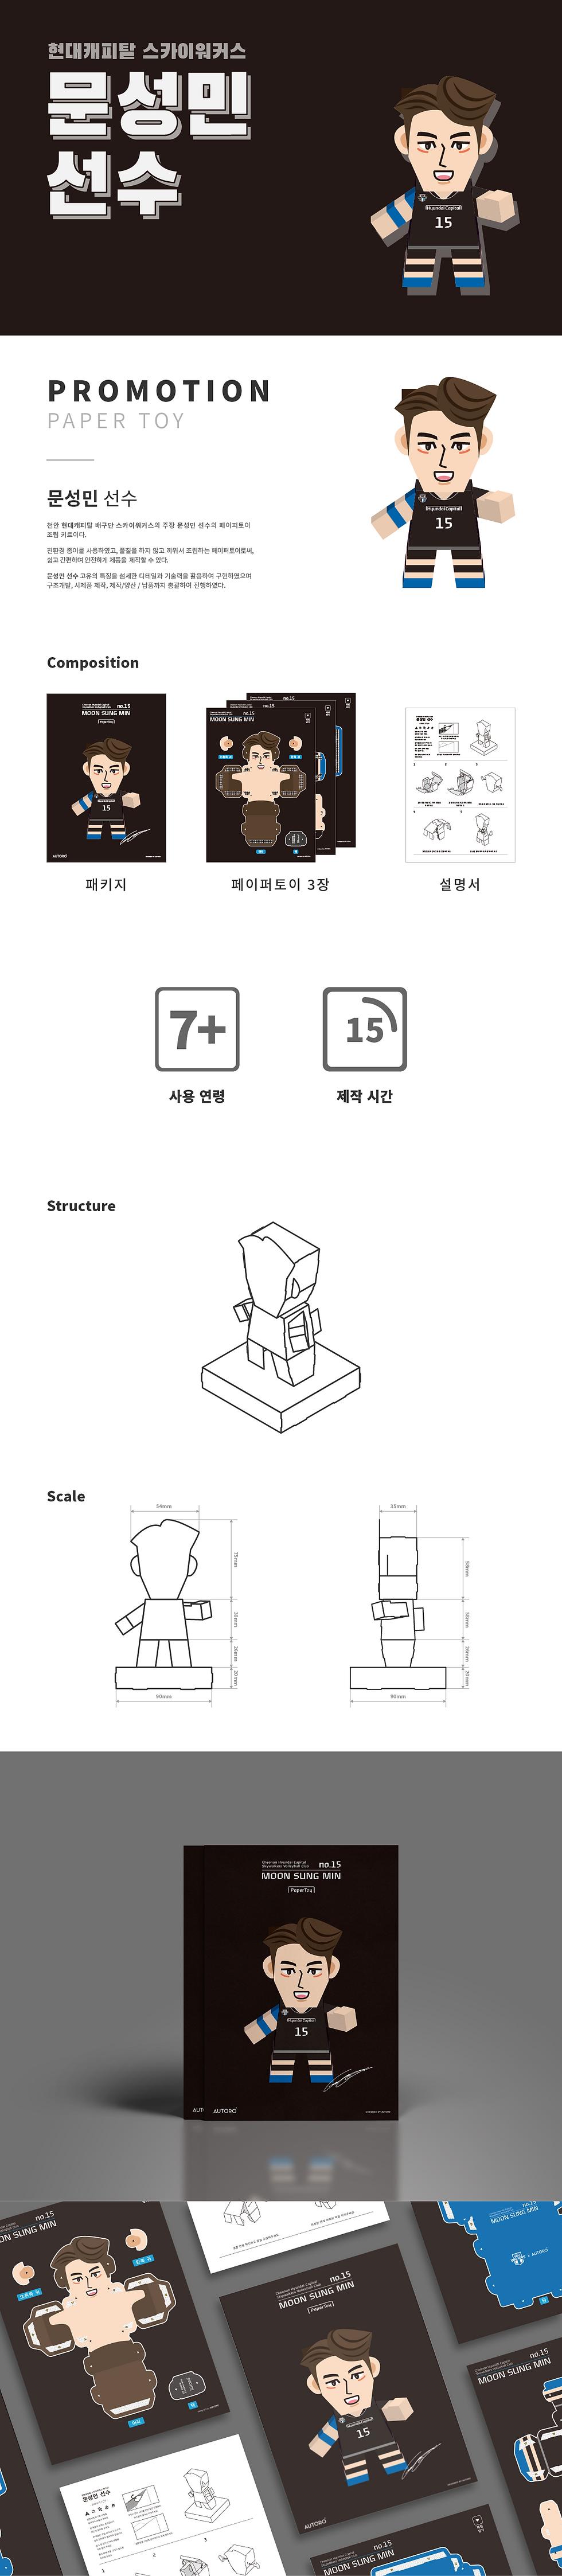 02-31. [2019] 현대캐피탈 문성민_상세페이지.png